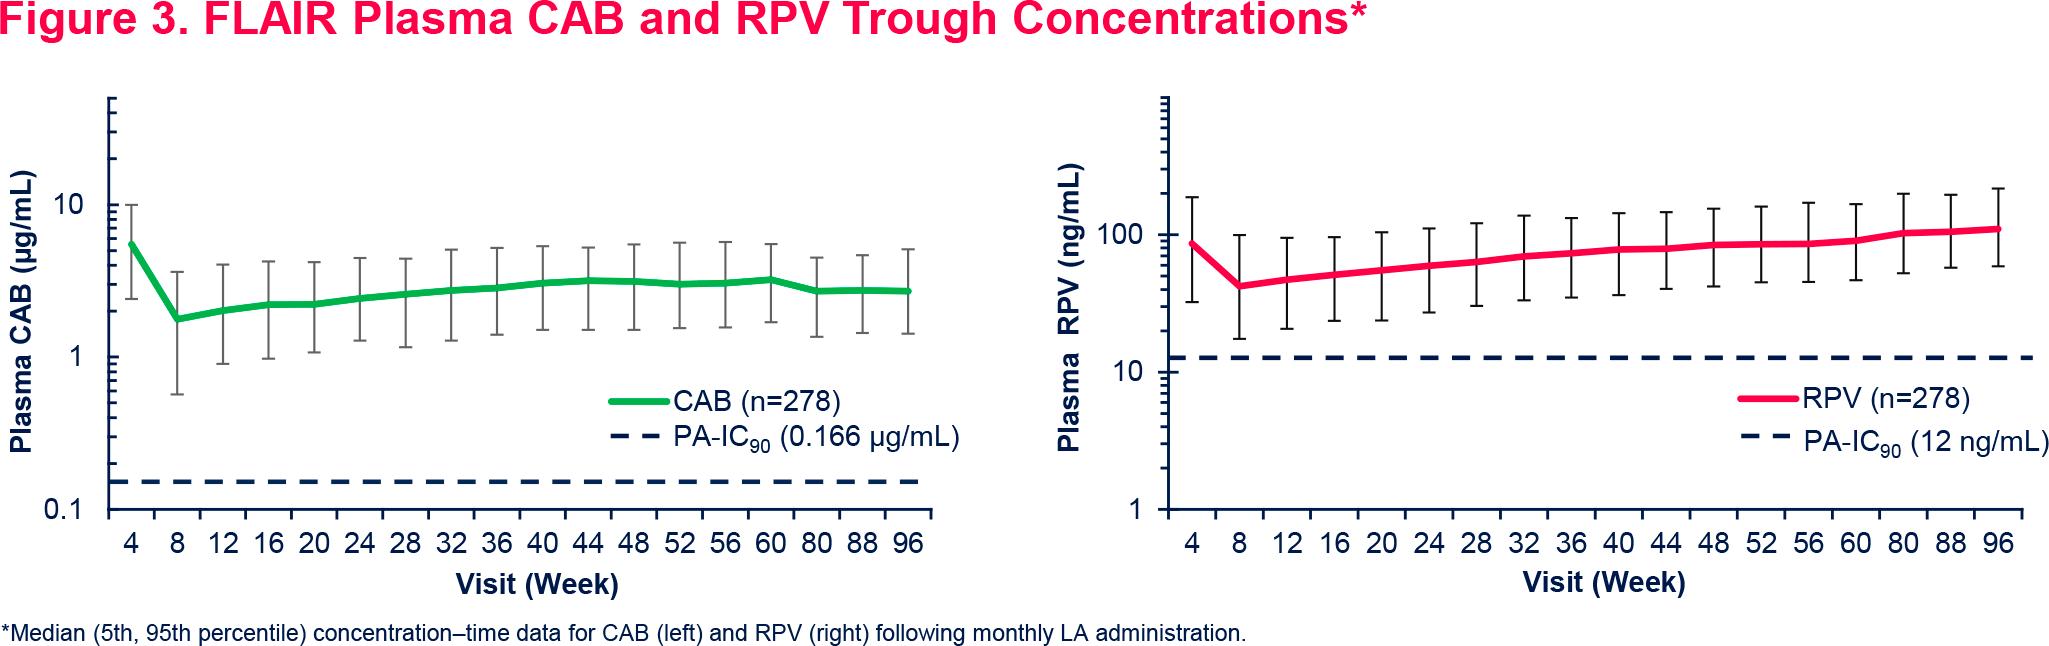 nct02938520 results 05 - Эффективная терапия ВИЧ: всего шесть или двенадцать инъекций в год